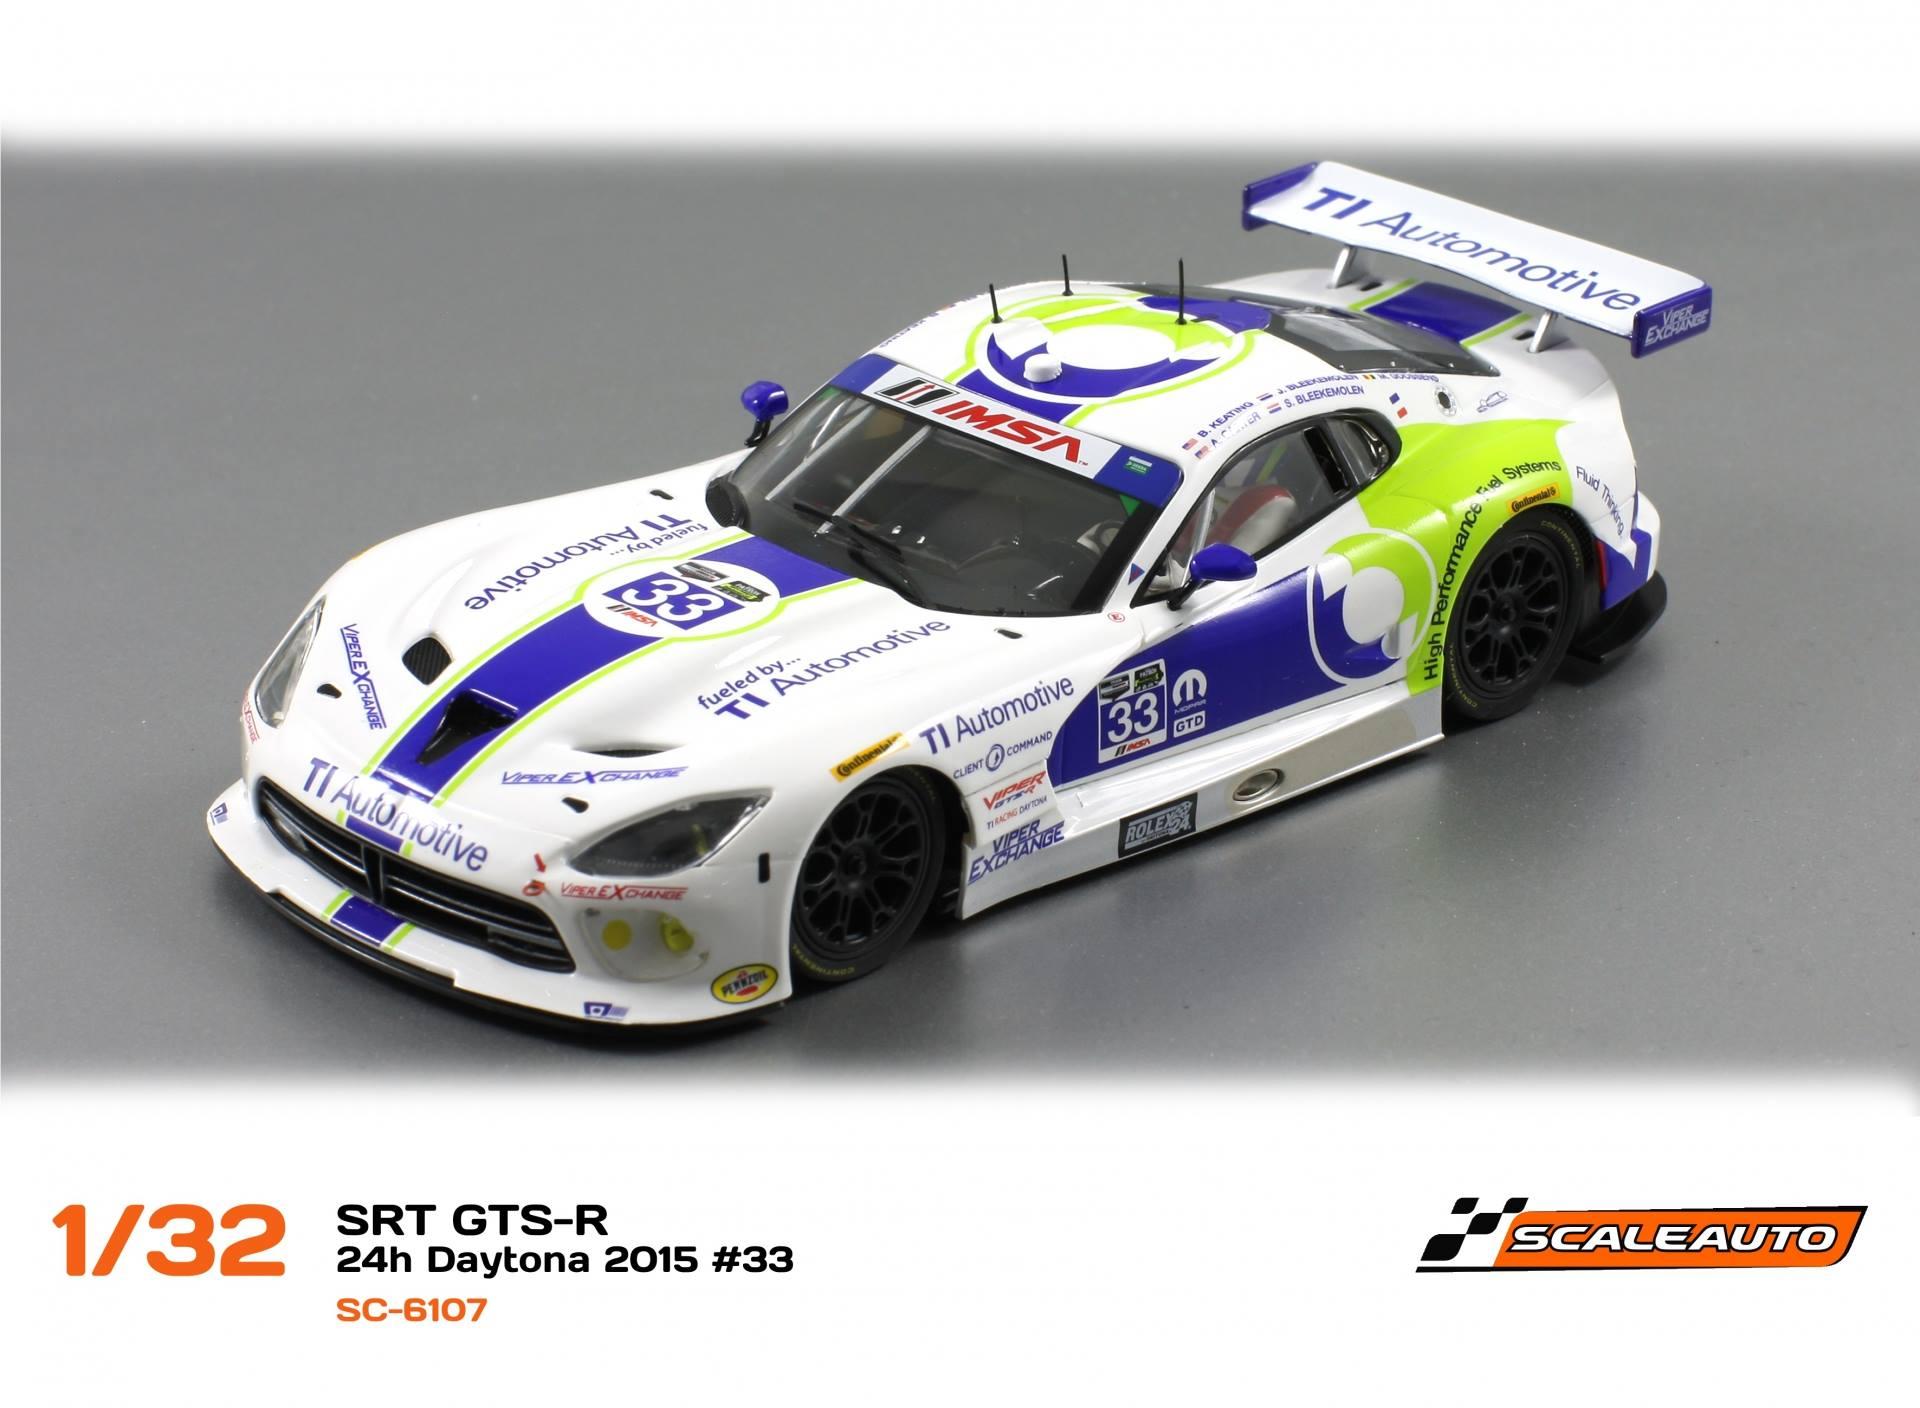 1/32 SRT Viper GTS-R 24H Daytona 2015 #33